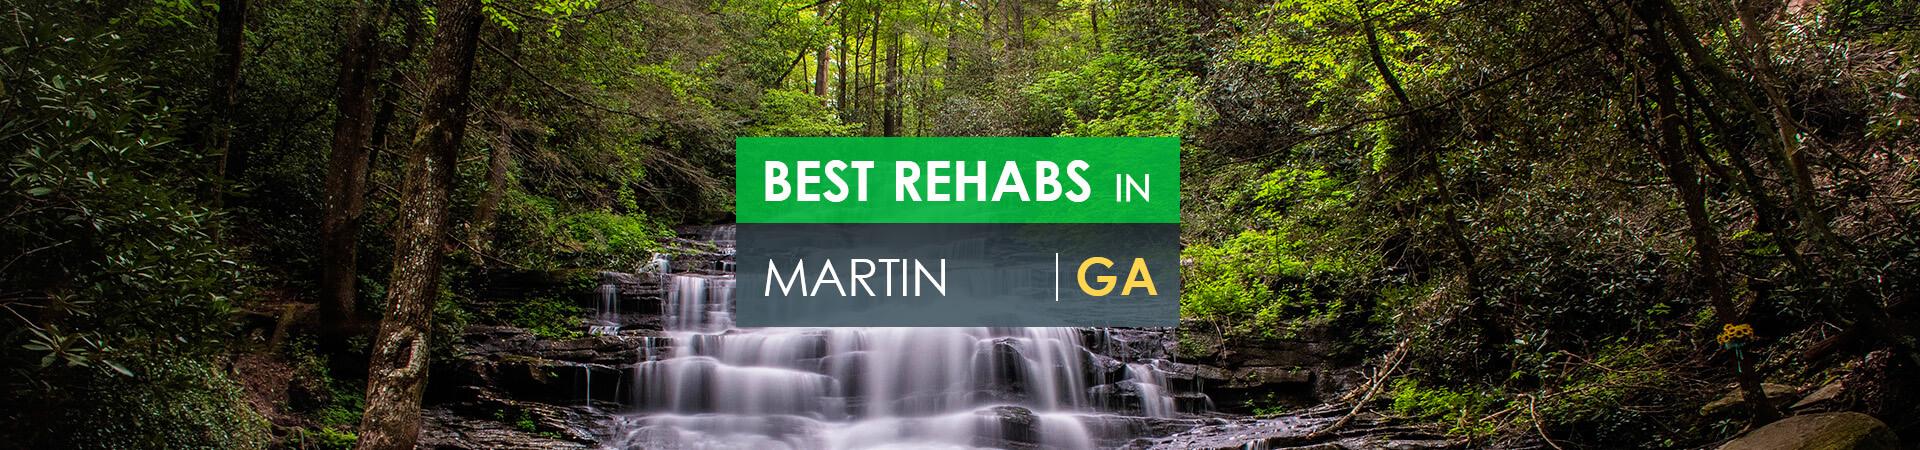 Best rehabs in Martin, GA